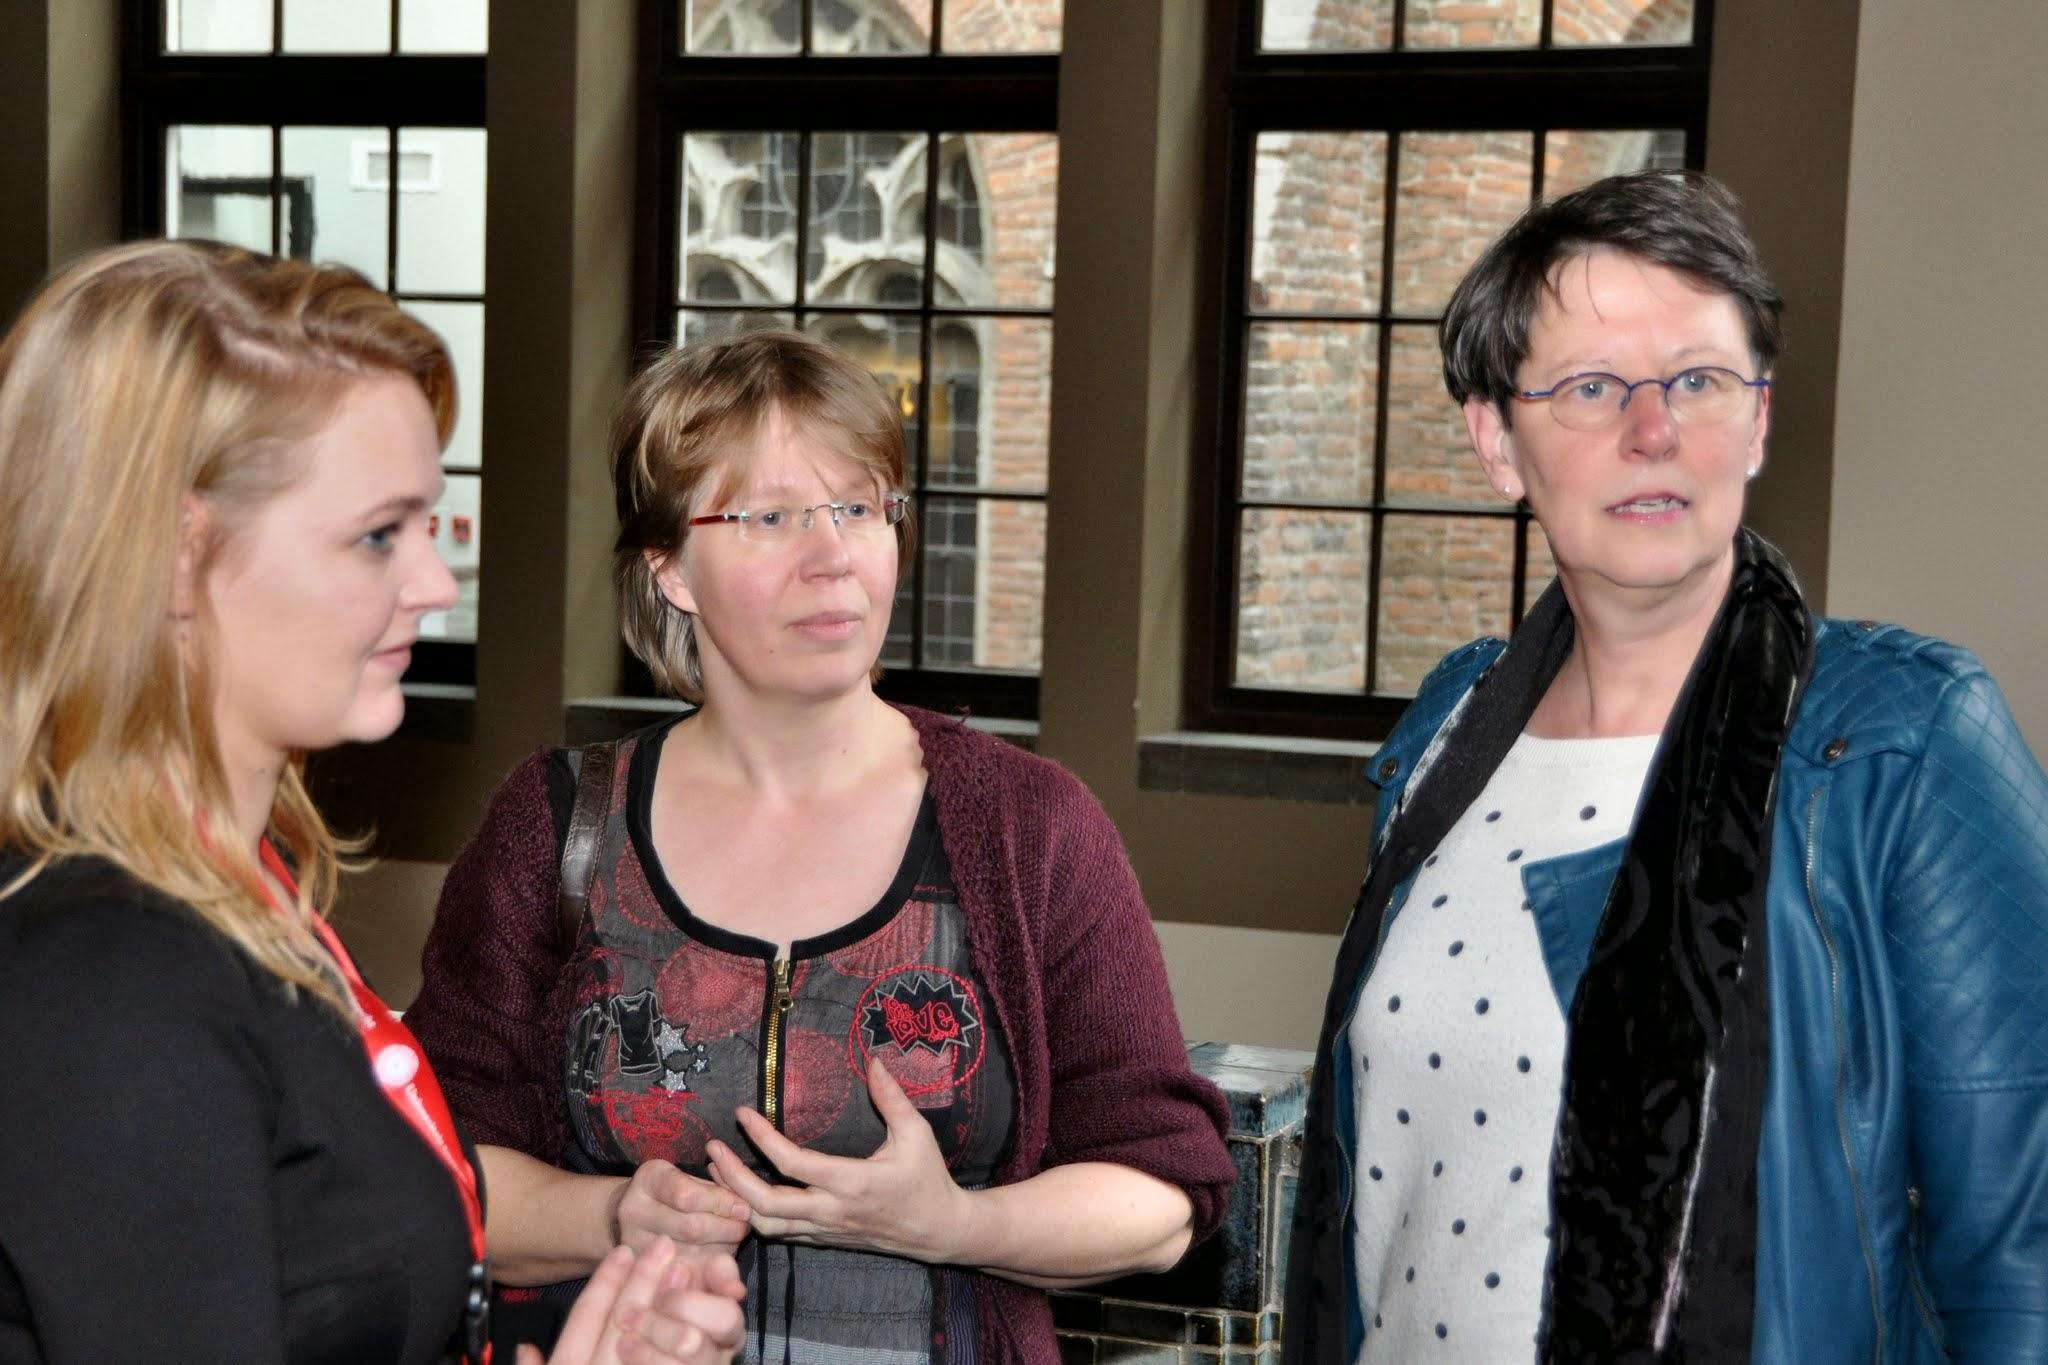 Photo: V.l.n.r: assistente pedel, Susanne de Jong - Tennekes en Riëtte Beurmanjer (beiden docent bij de 7evende Hemel)